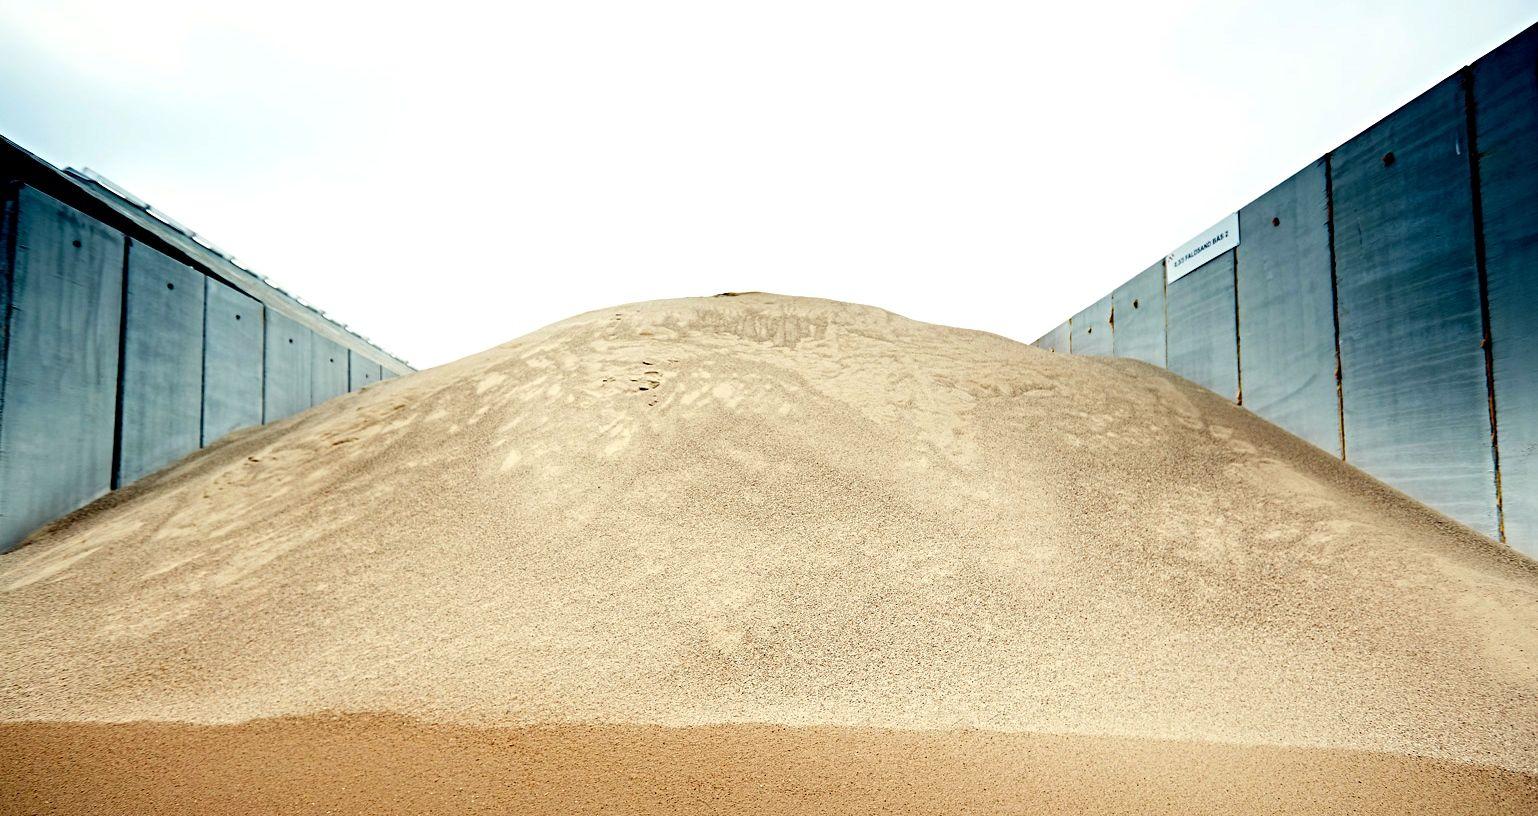 faldsand thybor n nords ral a s. Black Bedroom Furniture Sets. Home Design Ideas